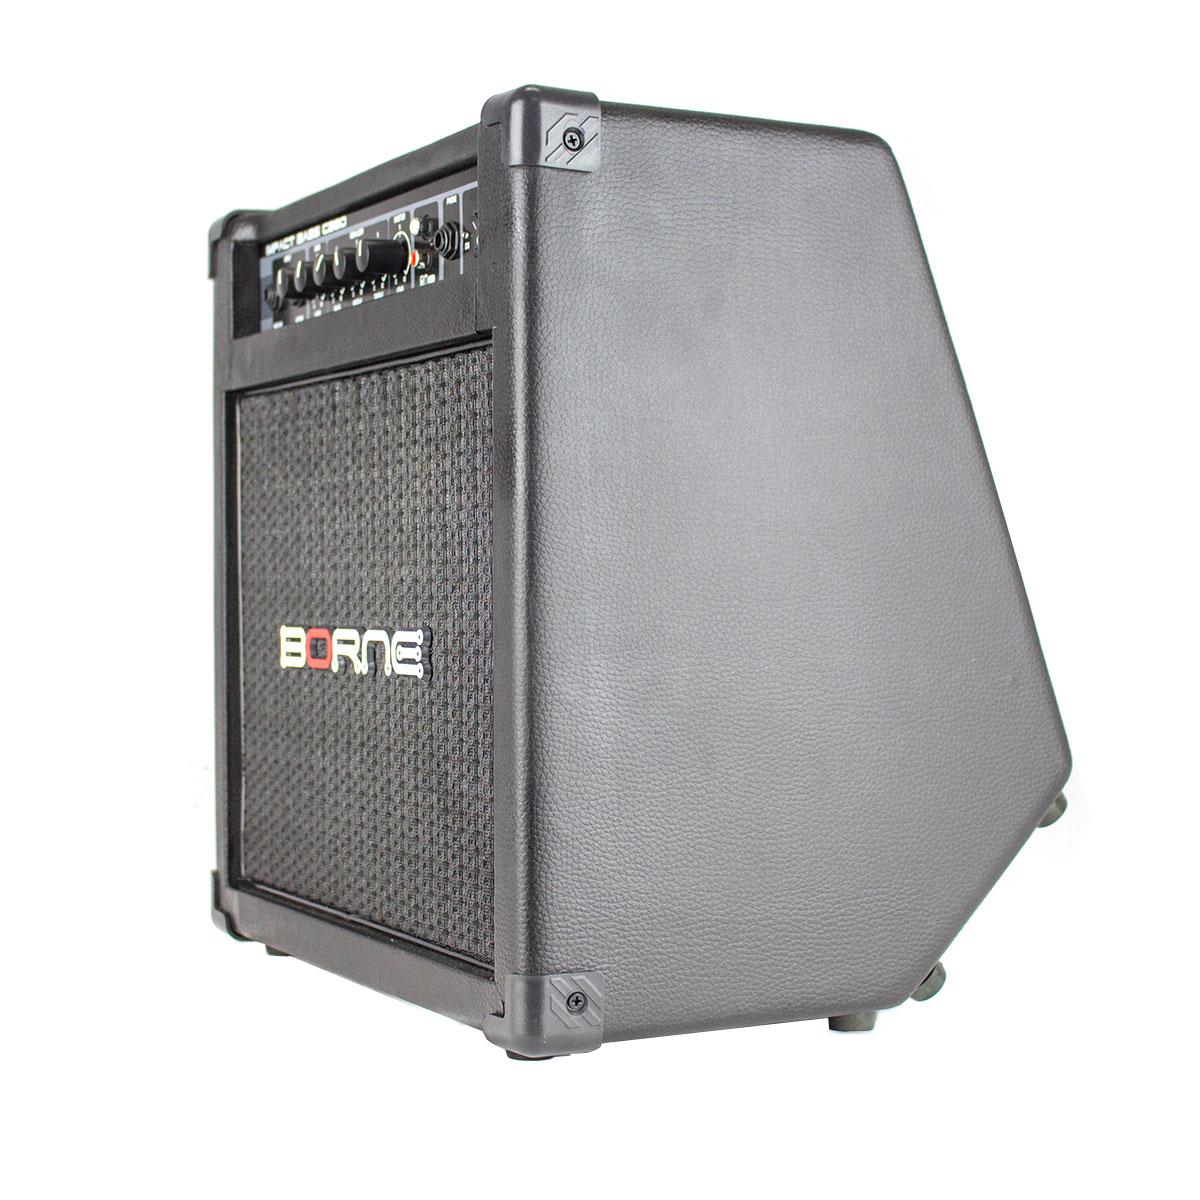 Cubo Ativo p/ Contrabaixo Fal 8 Pol 30W Impact Bass - CB 80 Borne